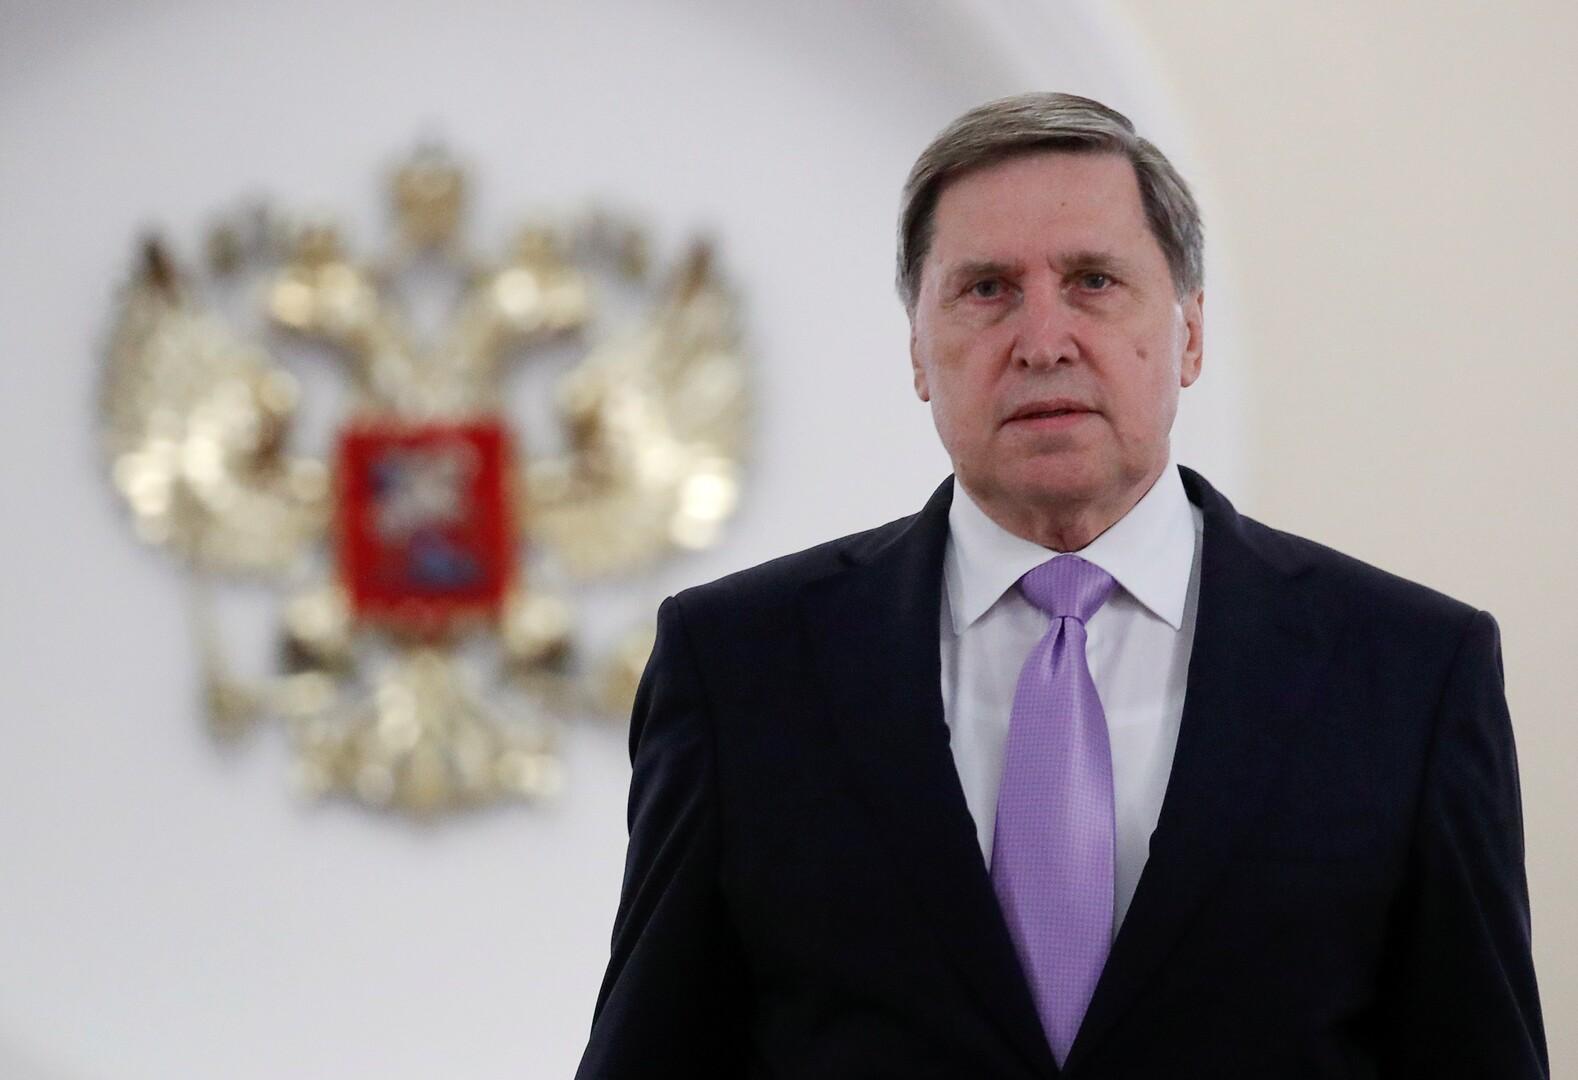 موسكو تعلن عن توقيع حزمة كبيرة من الاتفاقات خلال قمة